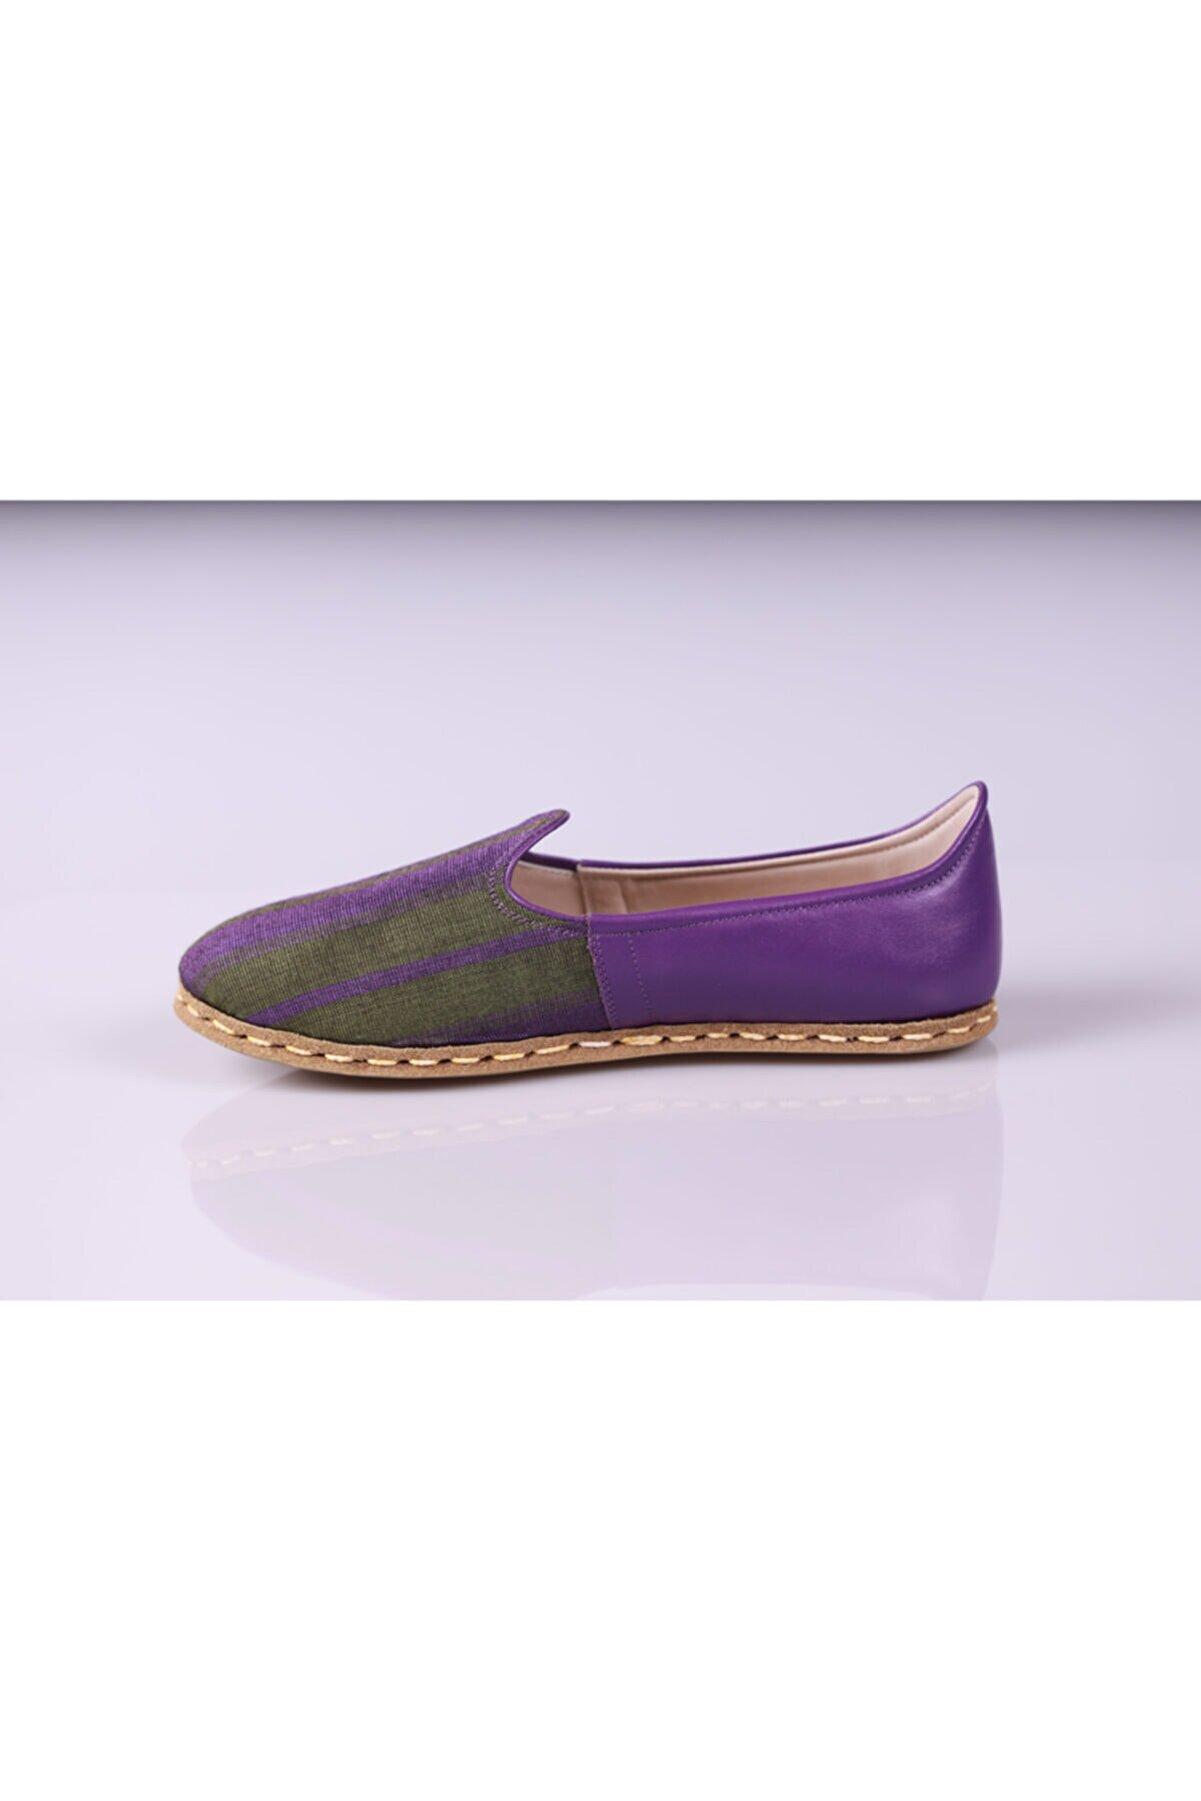 ilyada handmade shoes Kadın Mor Hakiki Deri El Yapımı Kutnu Kaplama Yazlık Ayakkabı